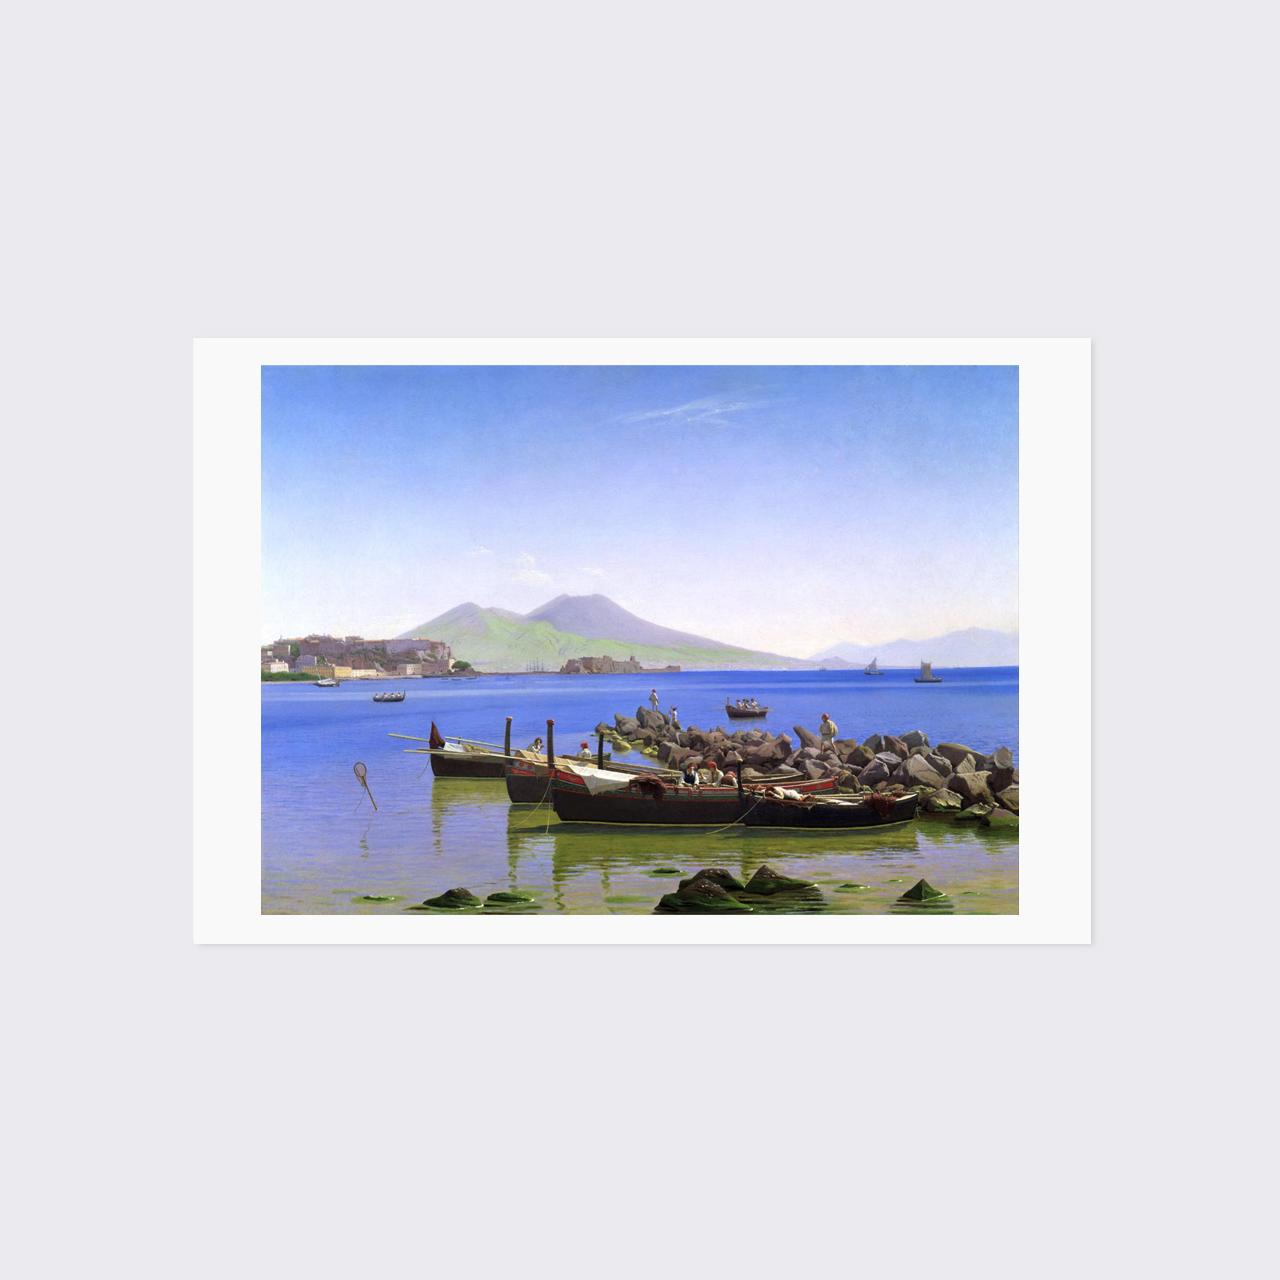 クプゲ ポストカード 「ナポリ湾」